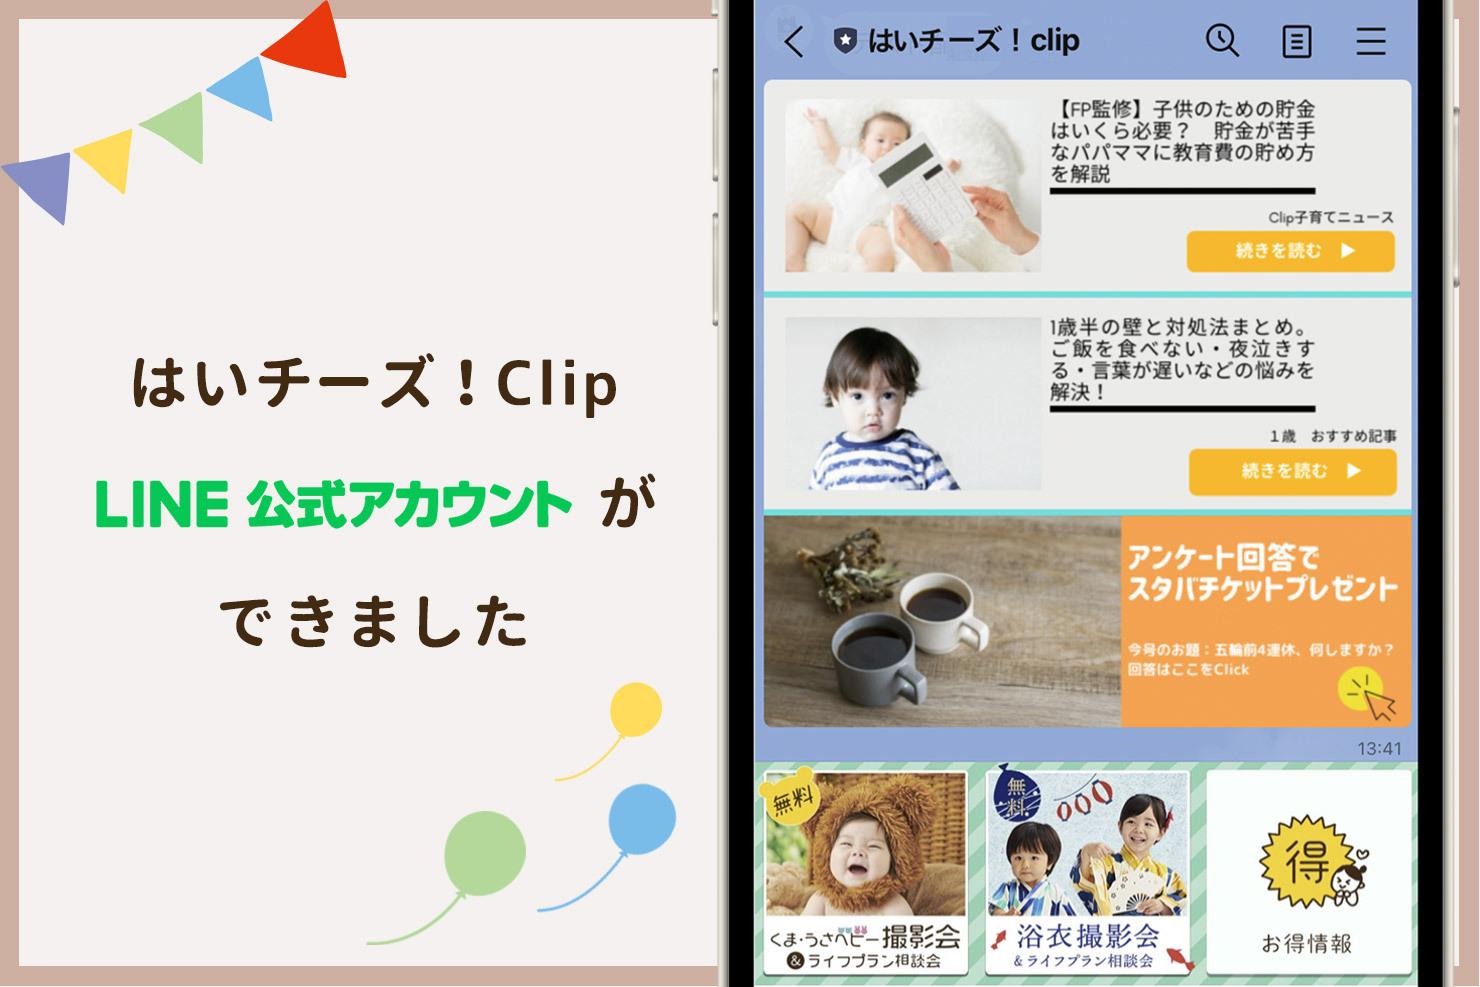 はいチーズ!ClipLINE公式アカウント開設